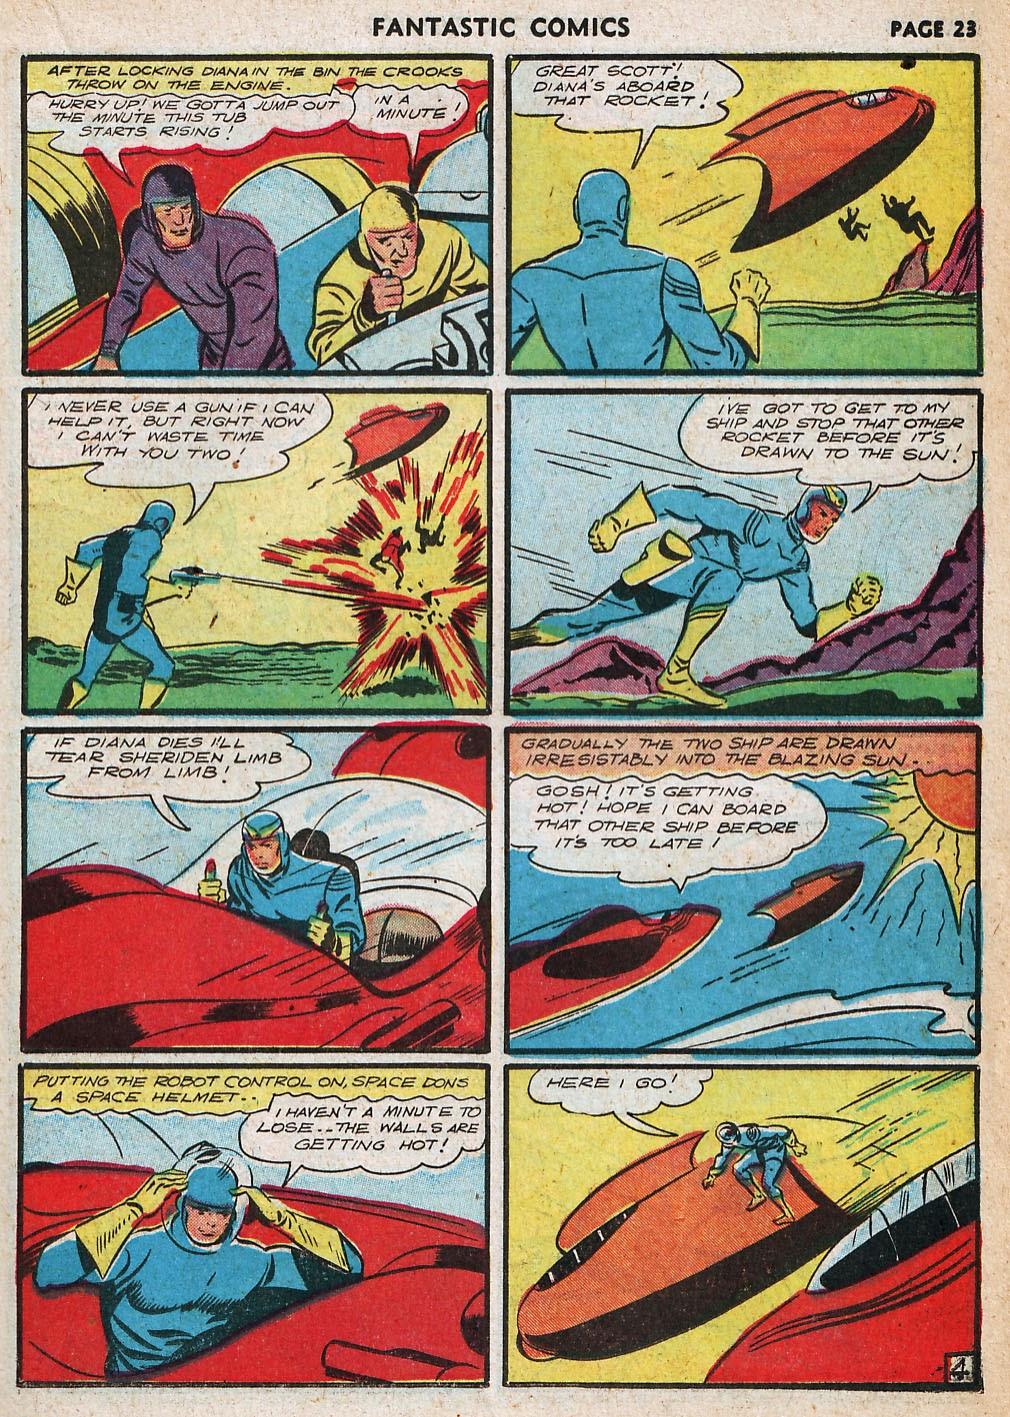 Read online Fantastic Comics comic -  Issue #20 - 24